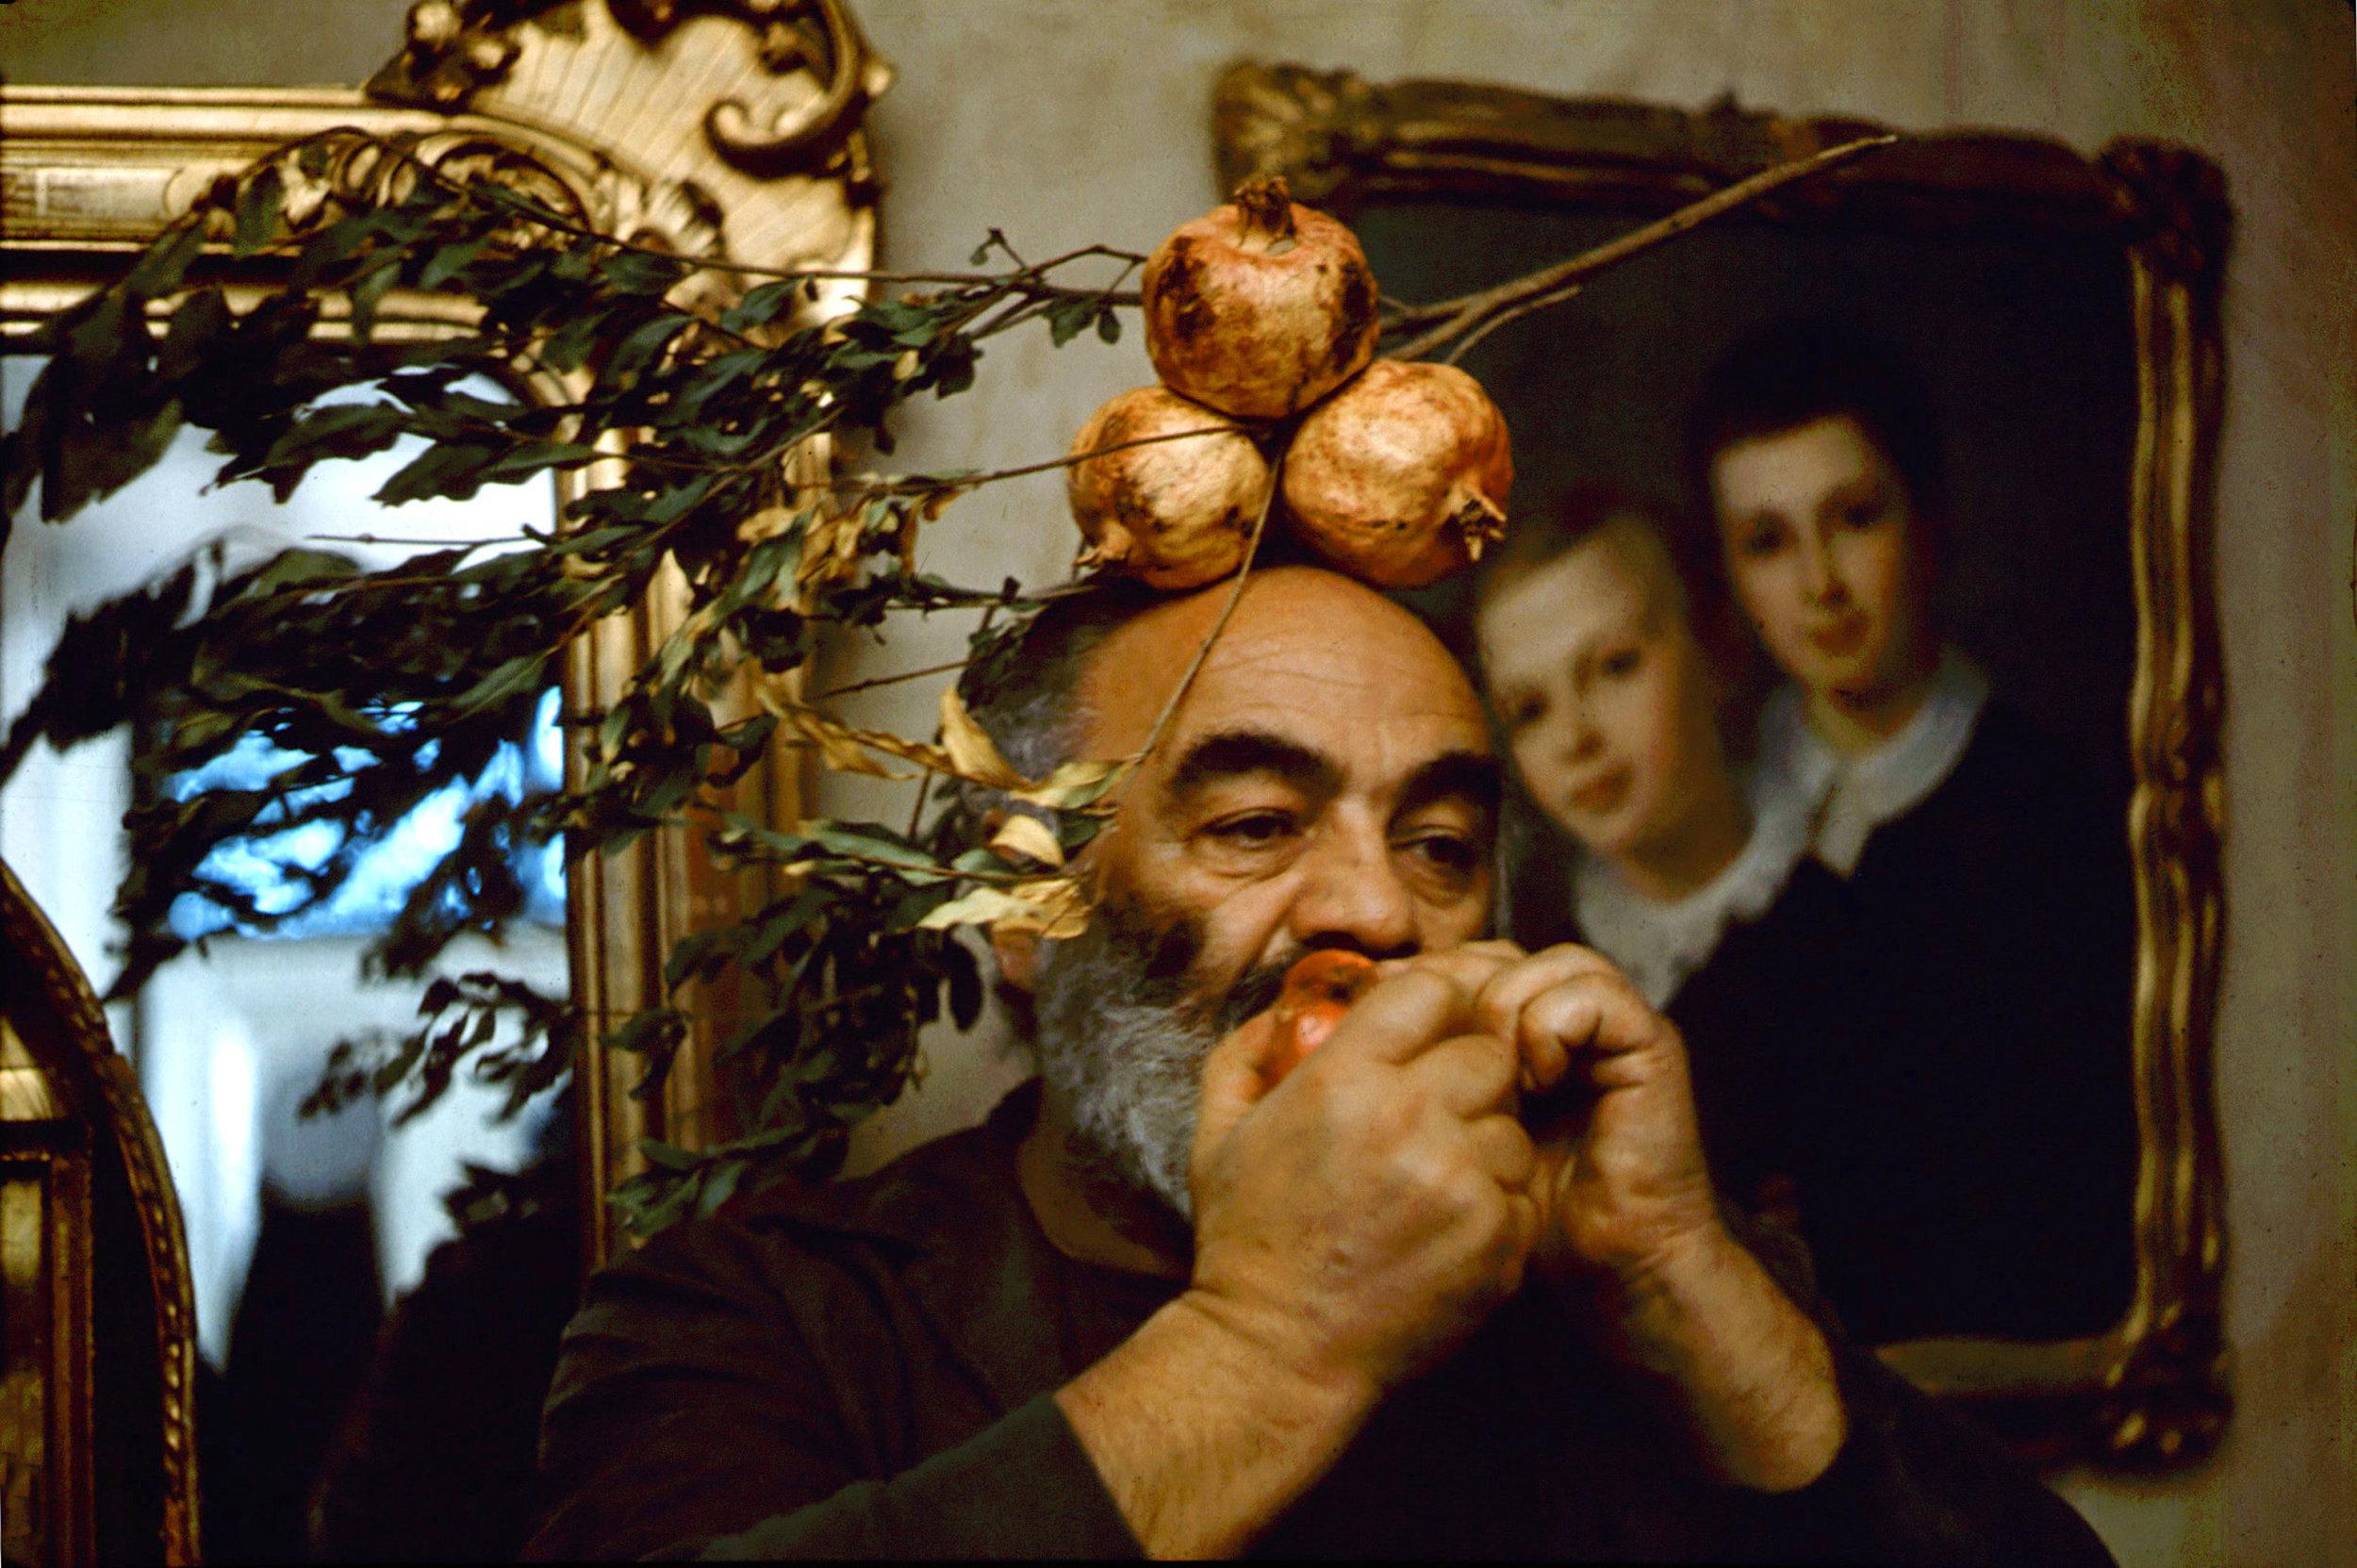 Sergei Parajanov (1984)